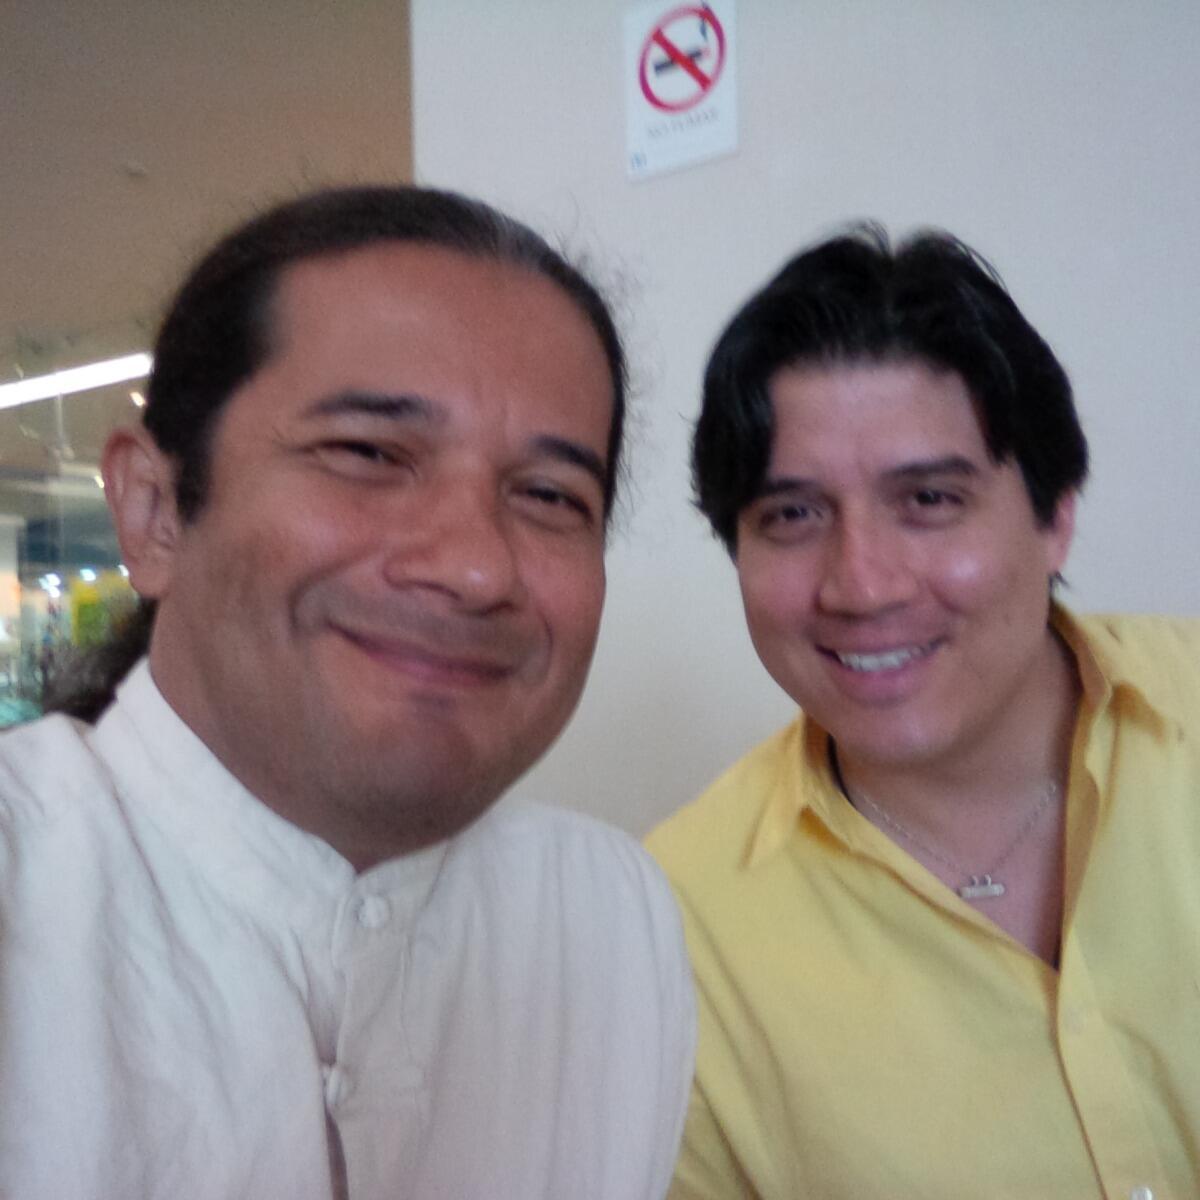 En Monterrey México http://t.co/K8MSz9CgqX